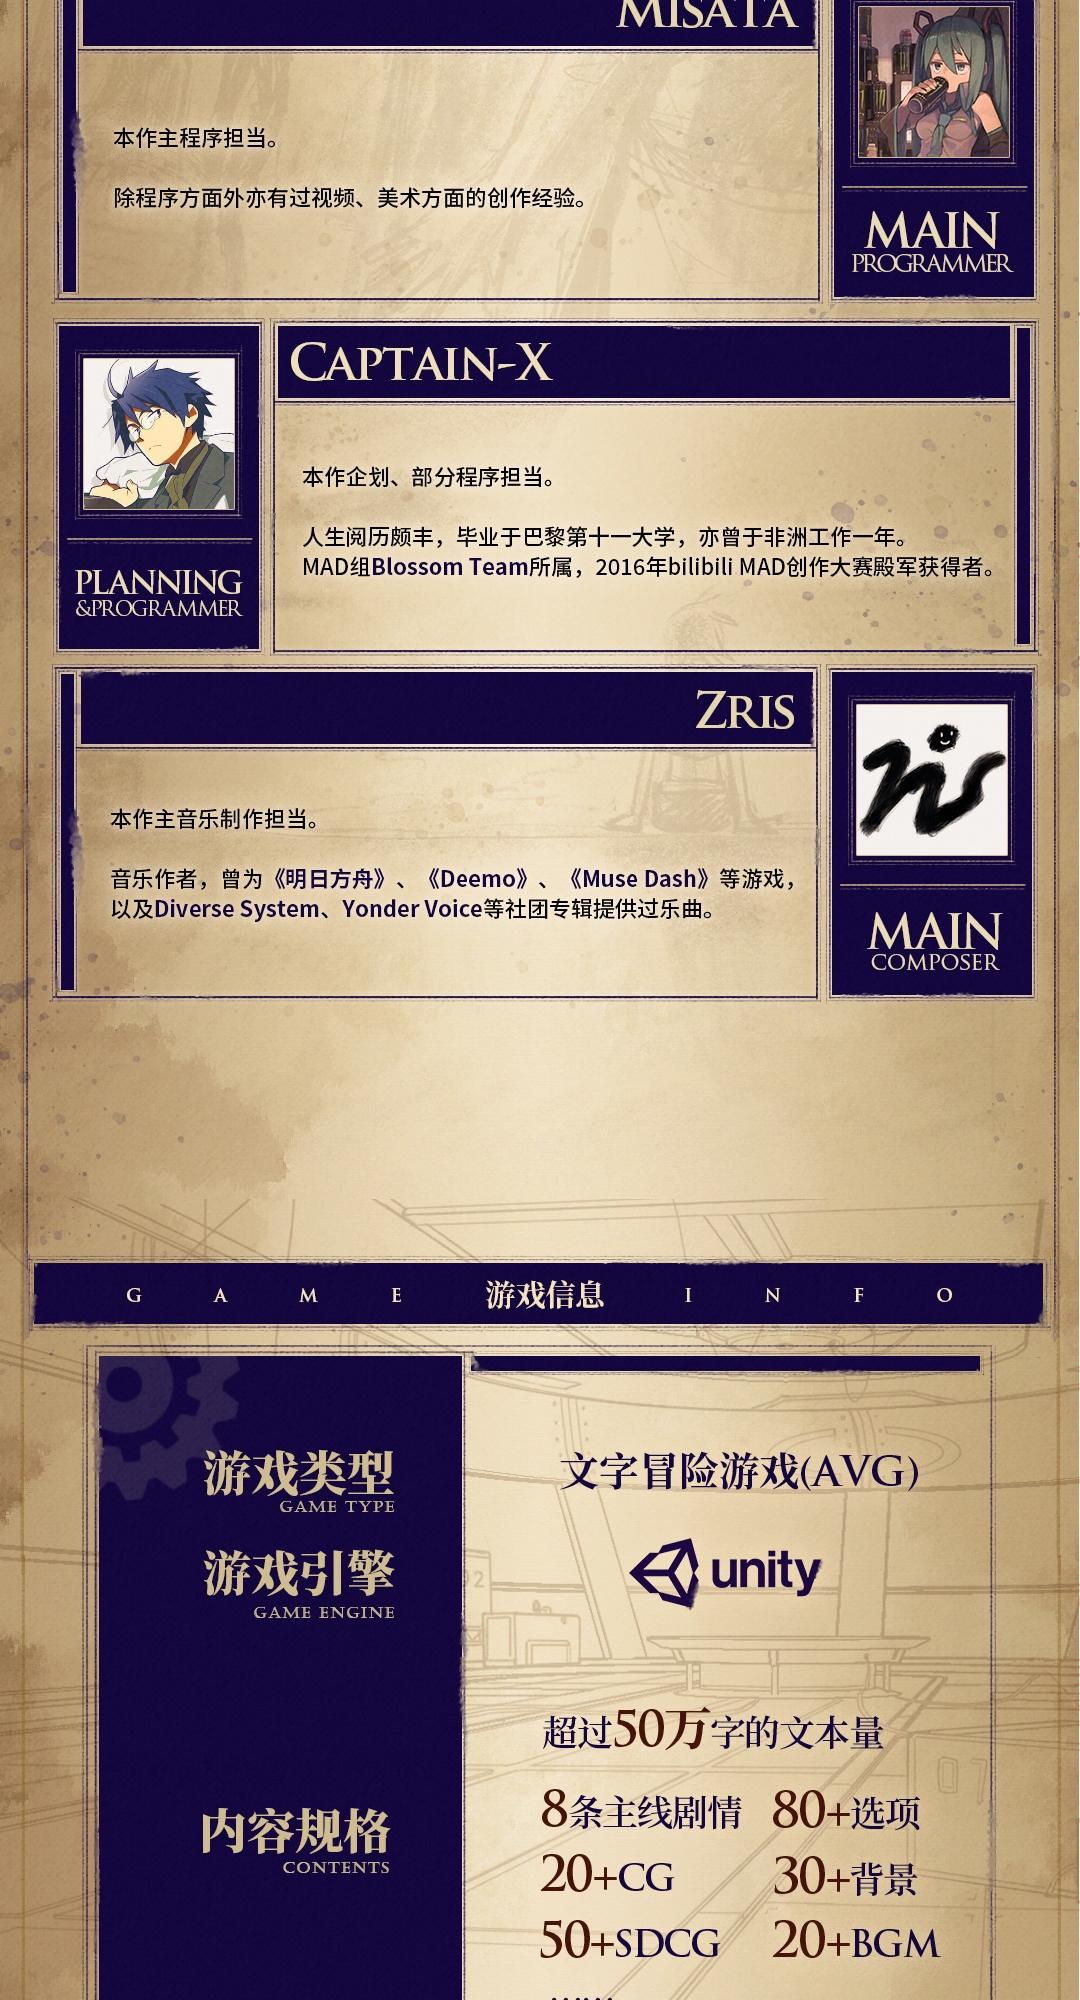 众筹长图_改_07_12 (复制).jpg